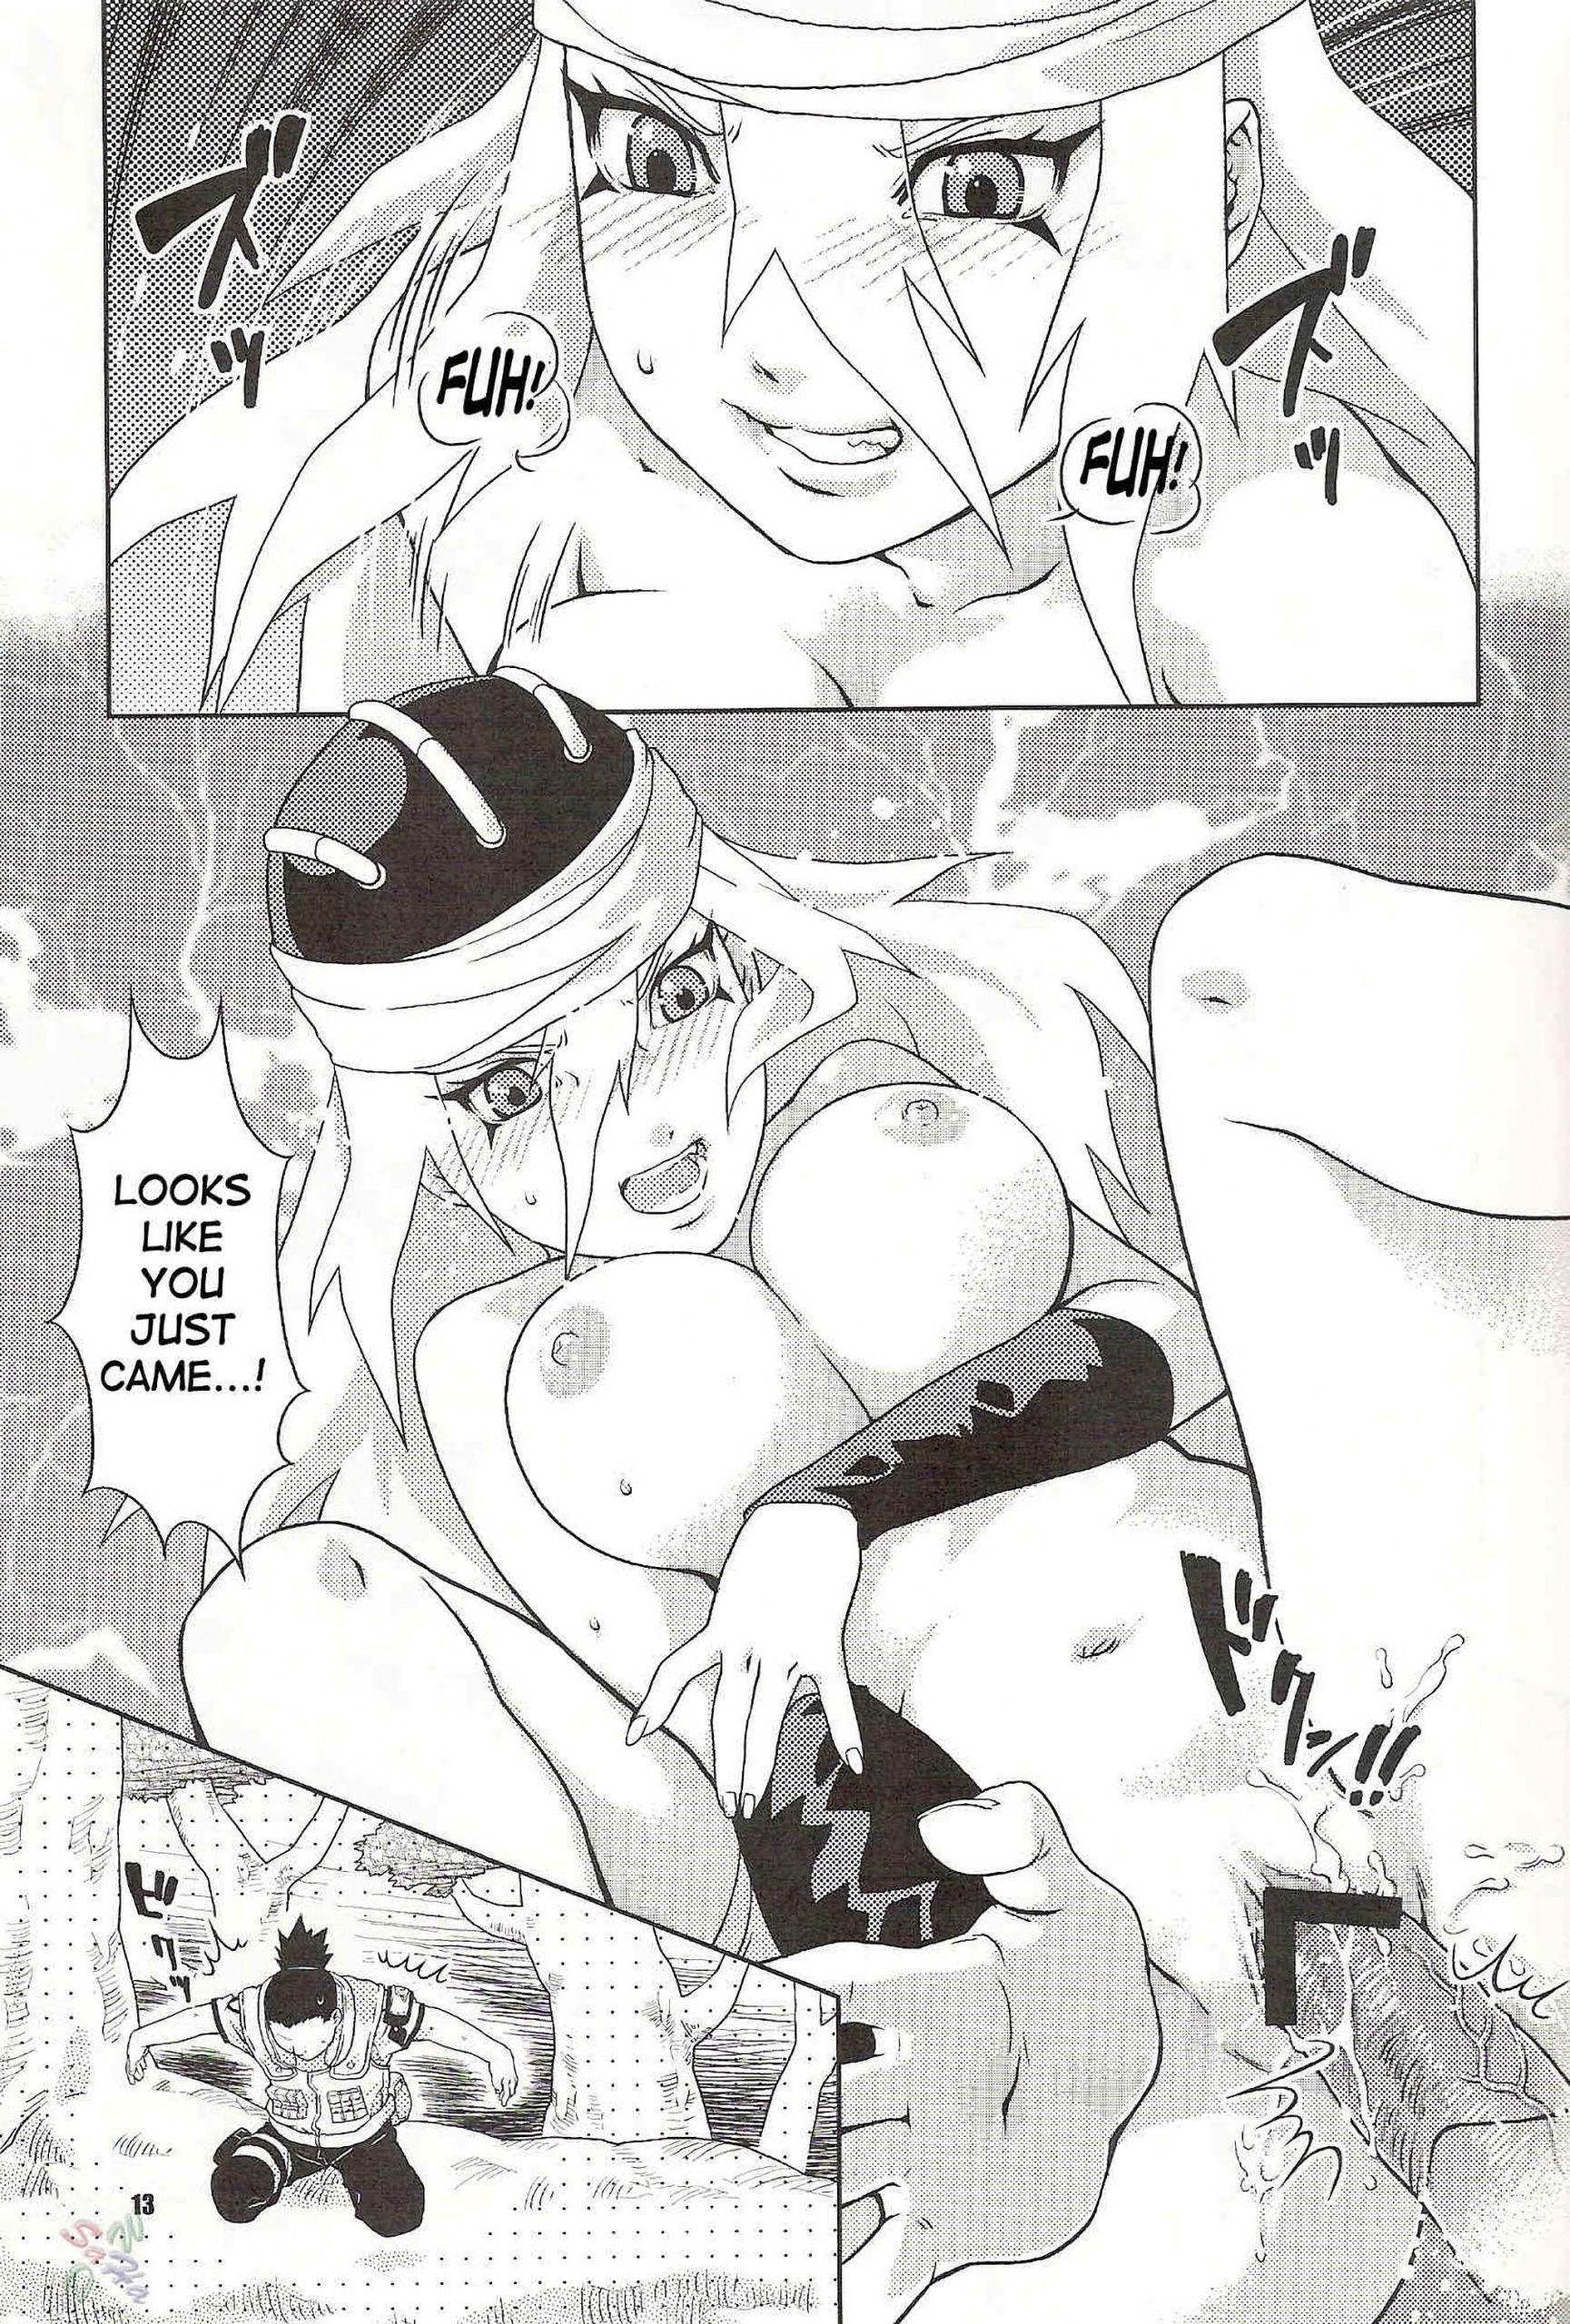 Night of crying sand hentai manga picture 9